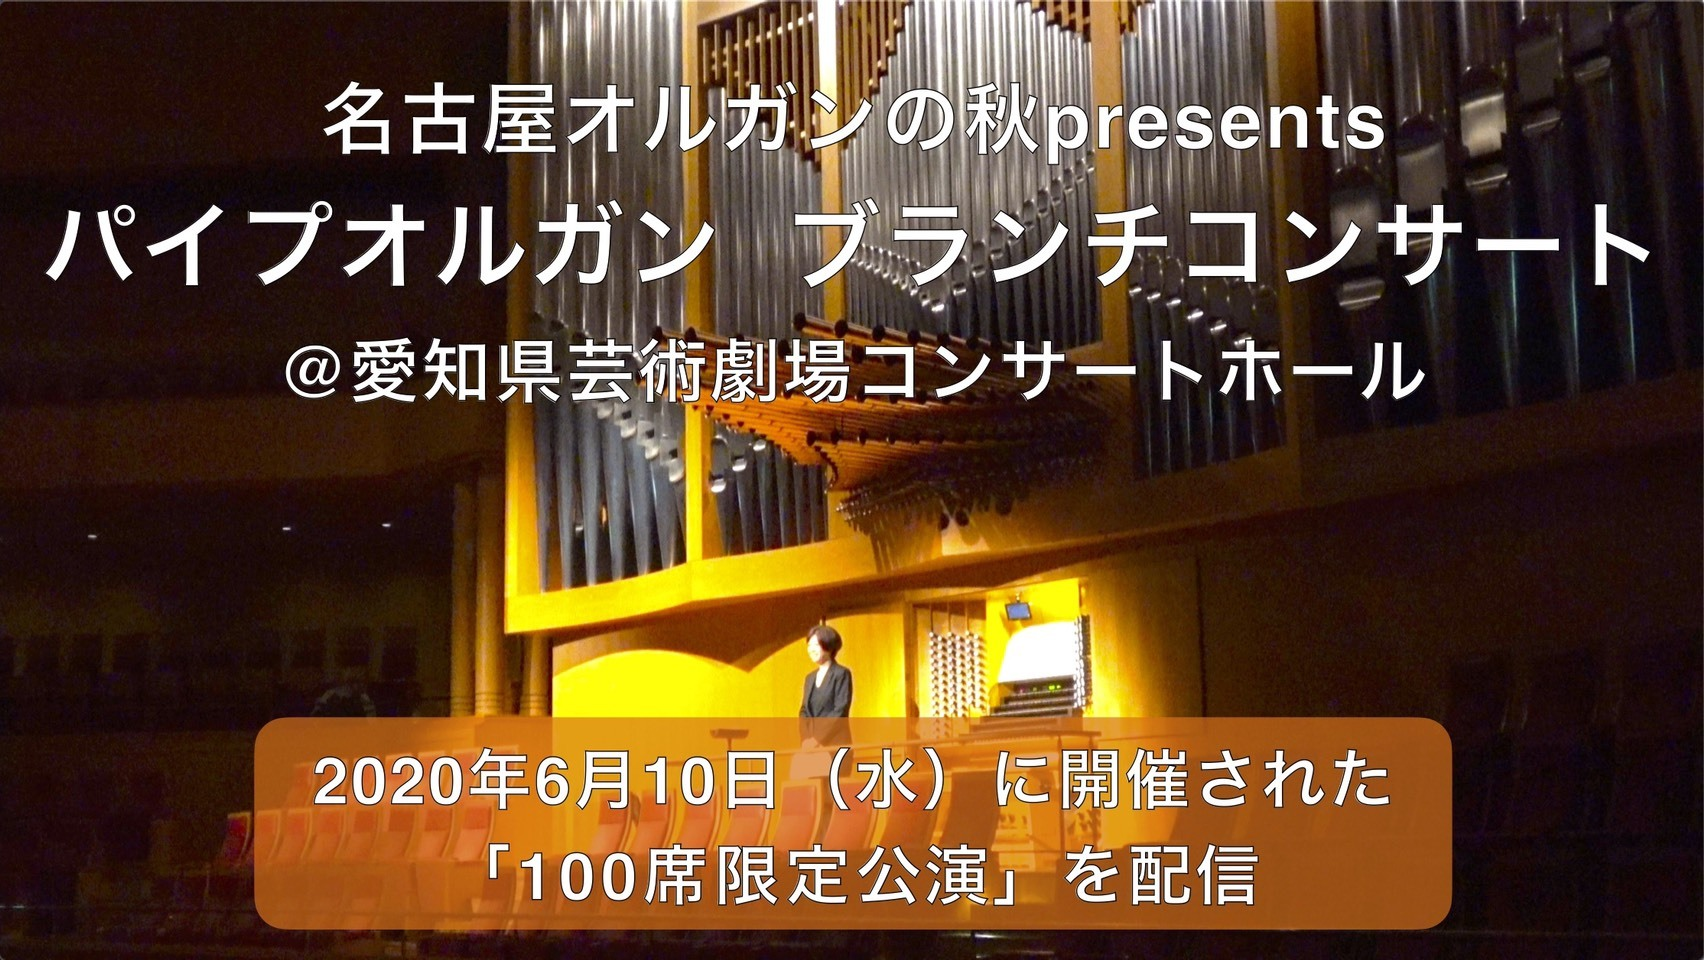 2020年6月10日開催パイプオルガン ブランチコンサート「100席限定」公演動画です_f0160325_15101800.jpg